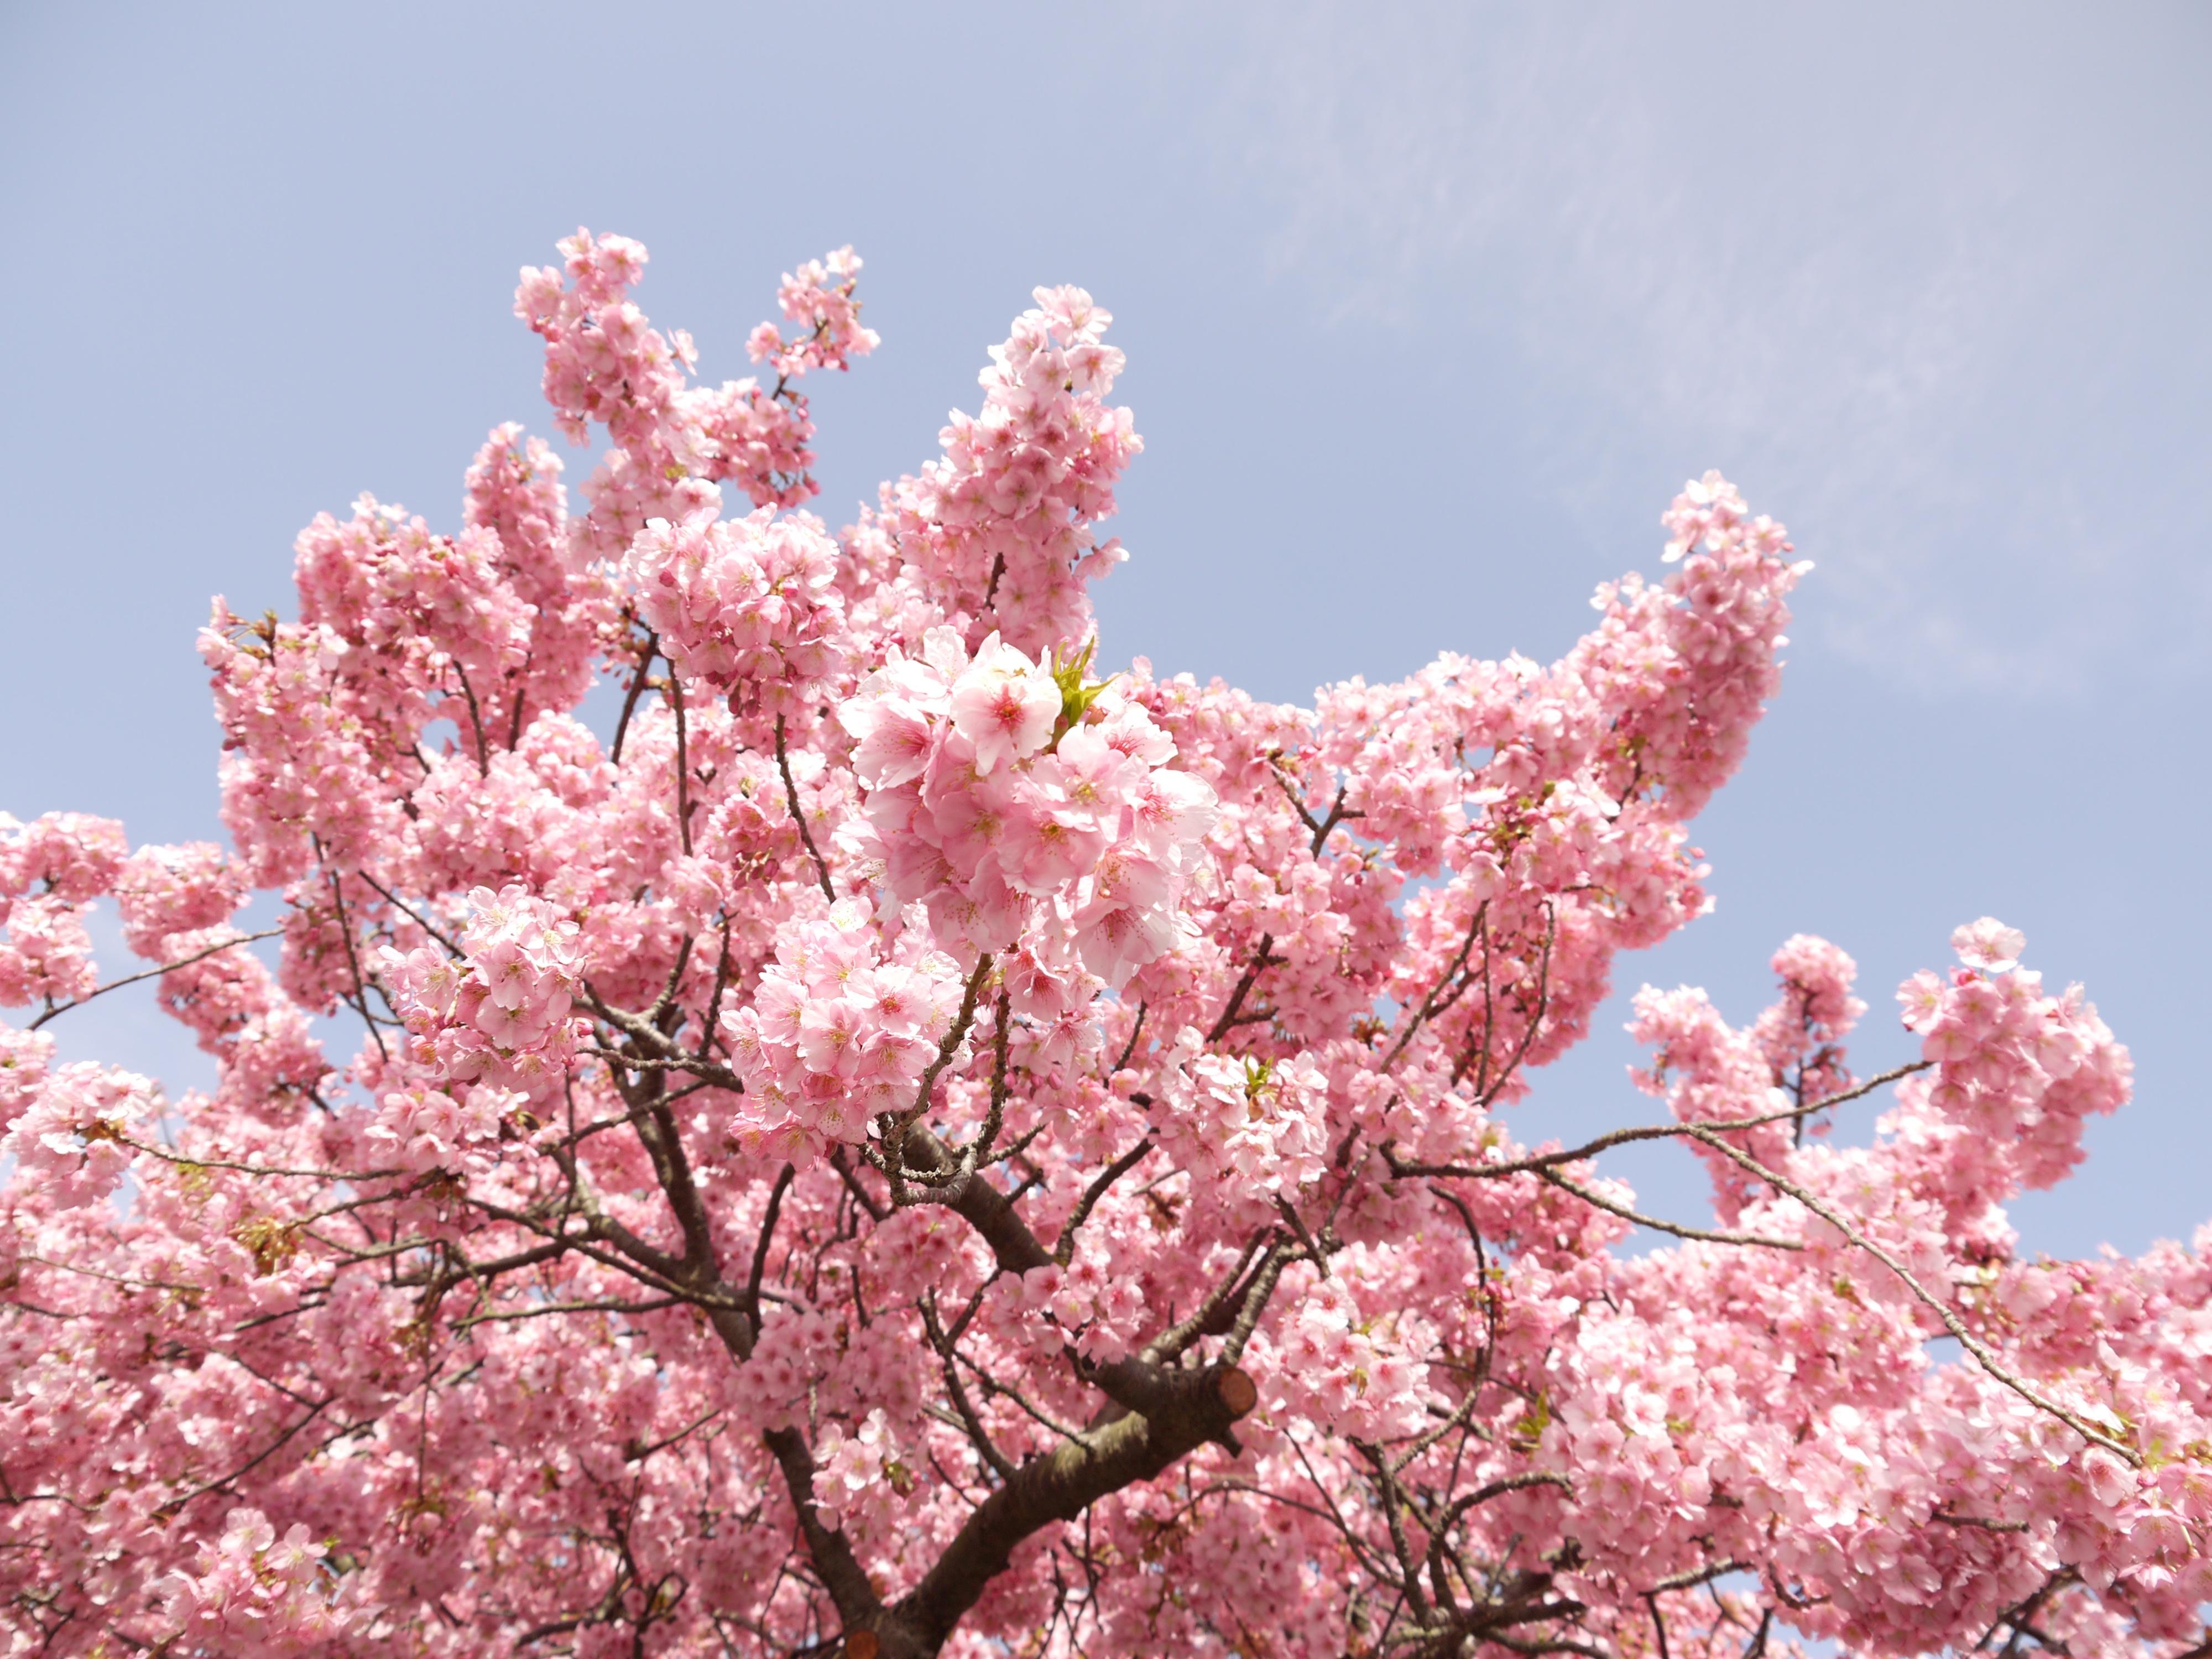 фото деревьев с розовыми цветами облака виде ячеек